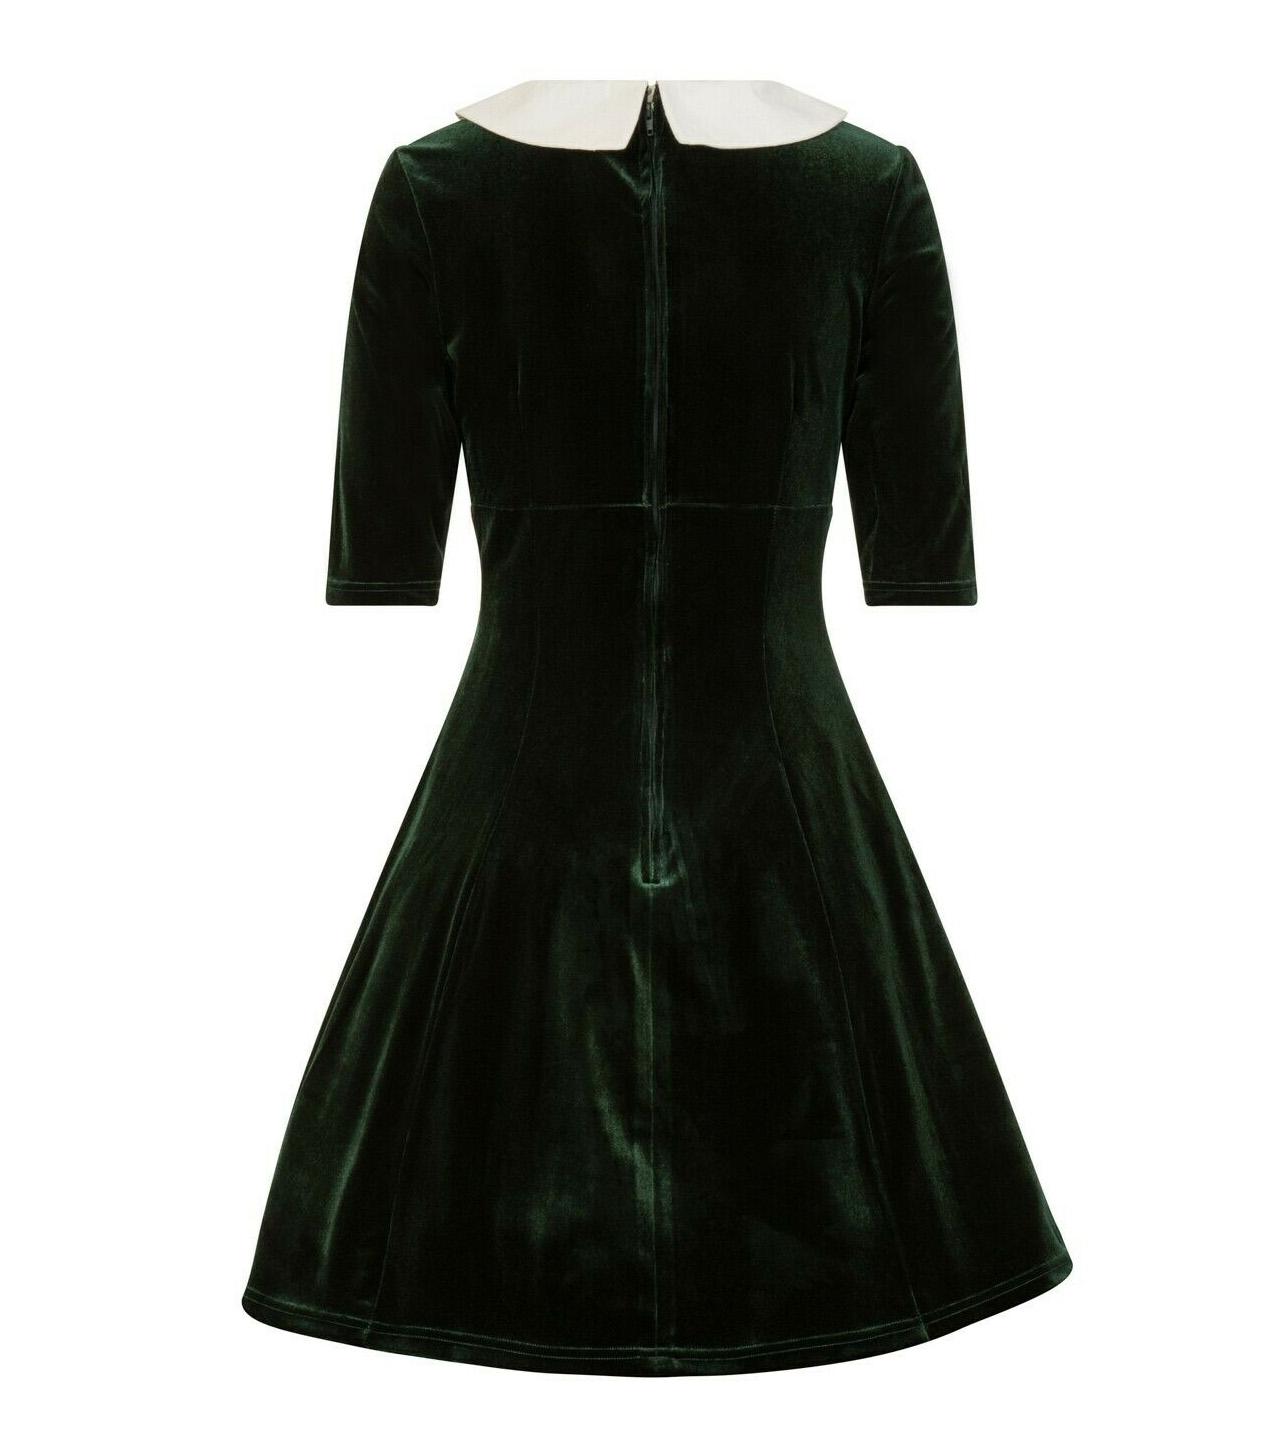 Hell-Bunny-Mini-Skater-Dress-Festive-Christmas-NICOLA-Green-Velvet-All-Sizes thumbnail 5